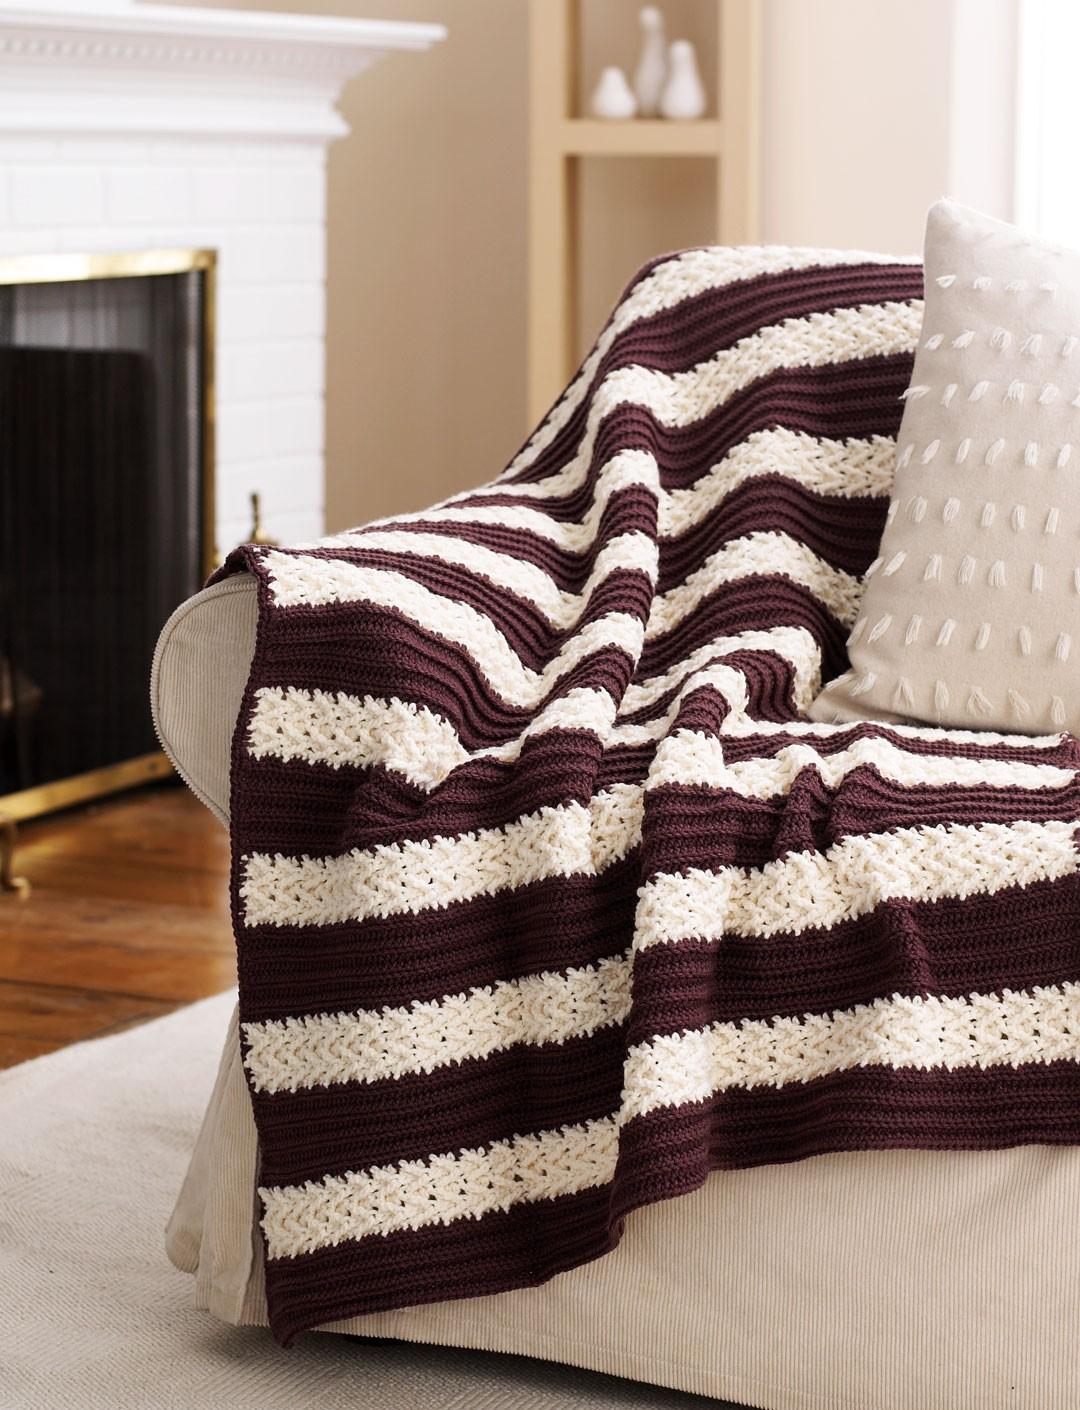 Коричнево-белое вязаное покрывало в спальне